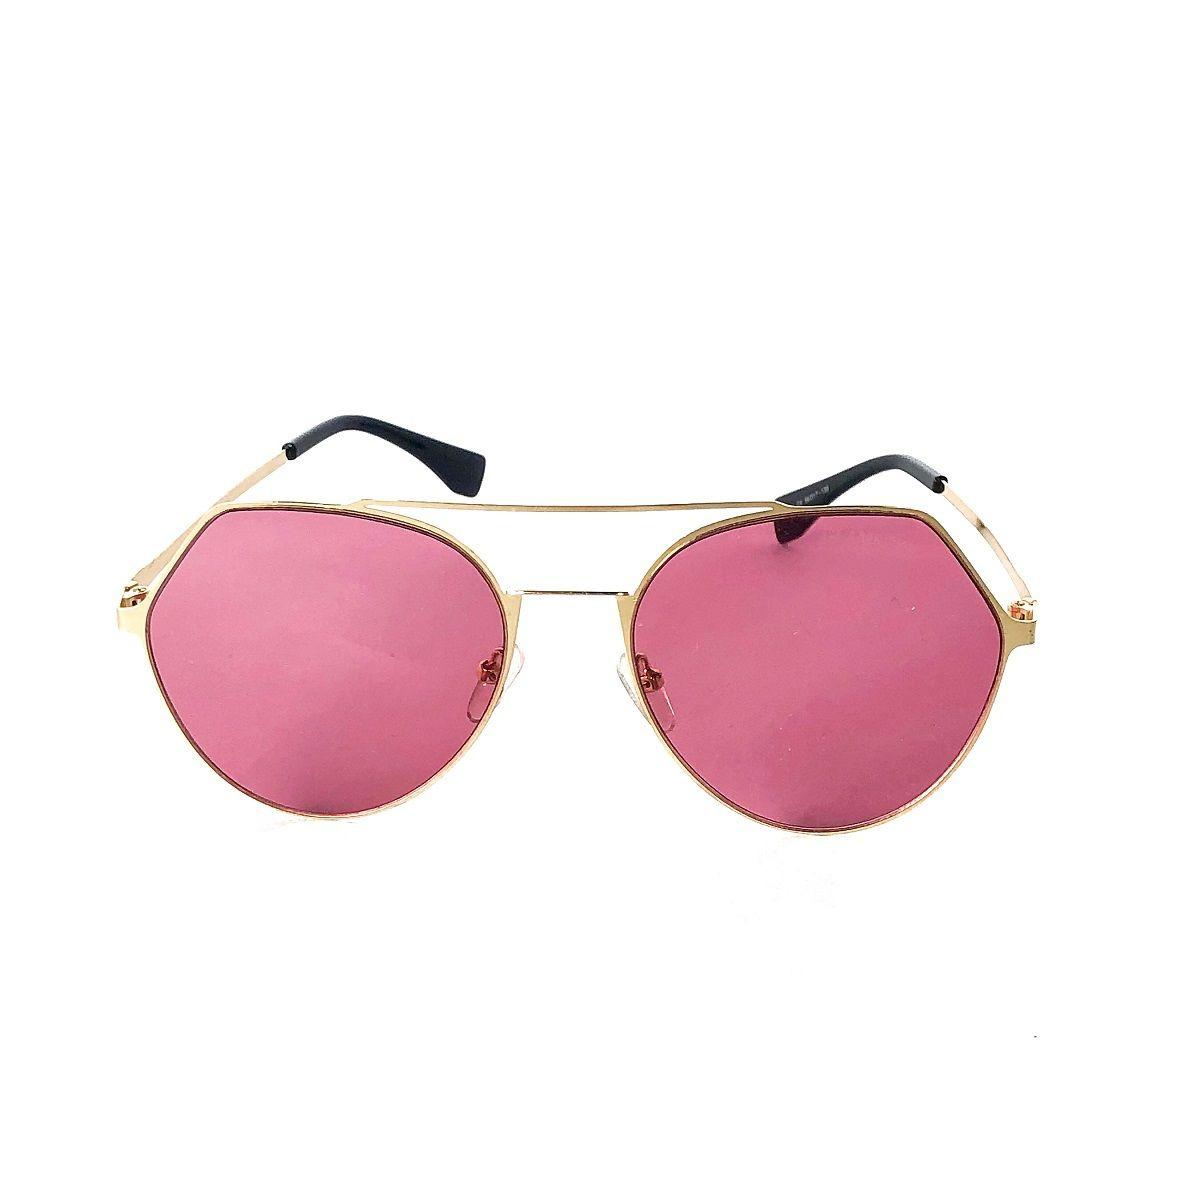 4617bebef Óculos De Sol Redondo Colorido Com A Lente Rosa Transparente - R$ 120,00 em  Mercado Livre